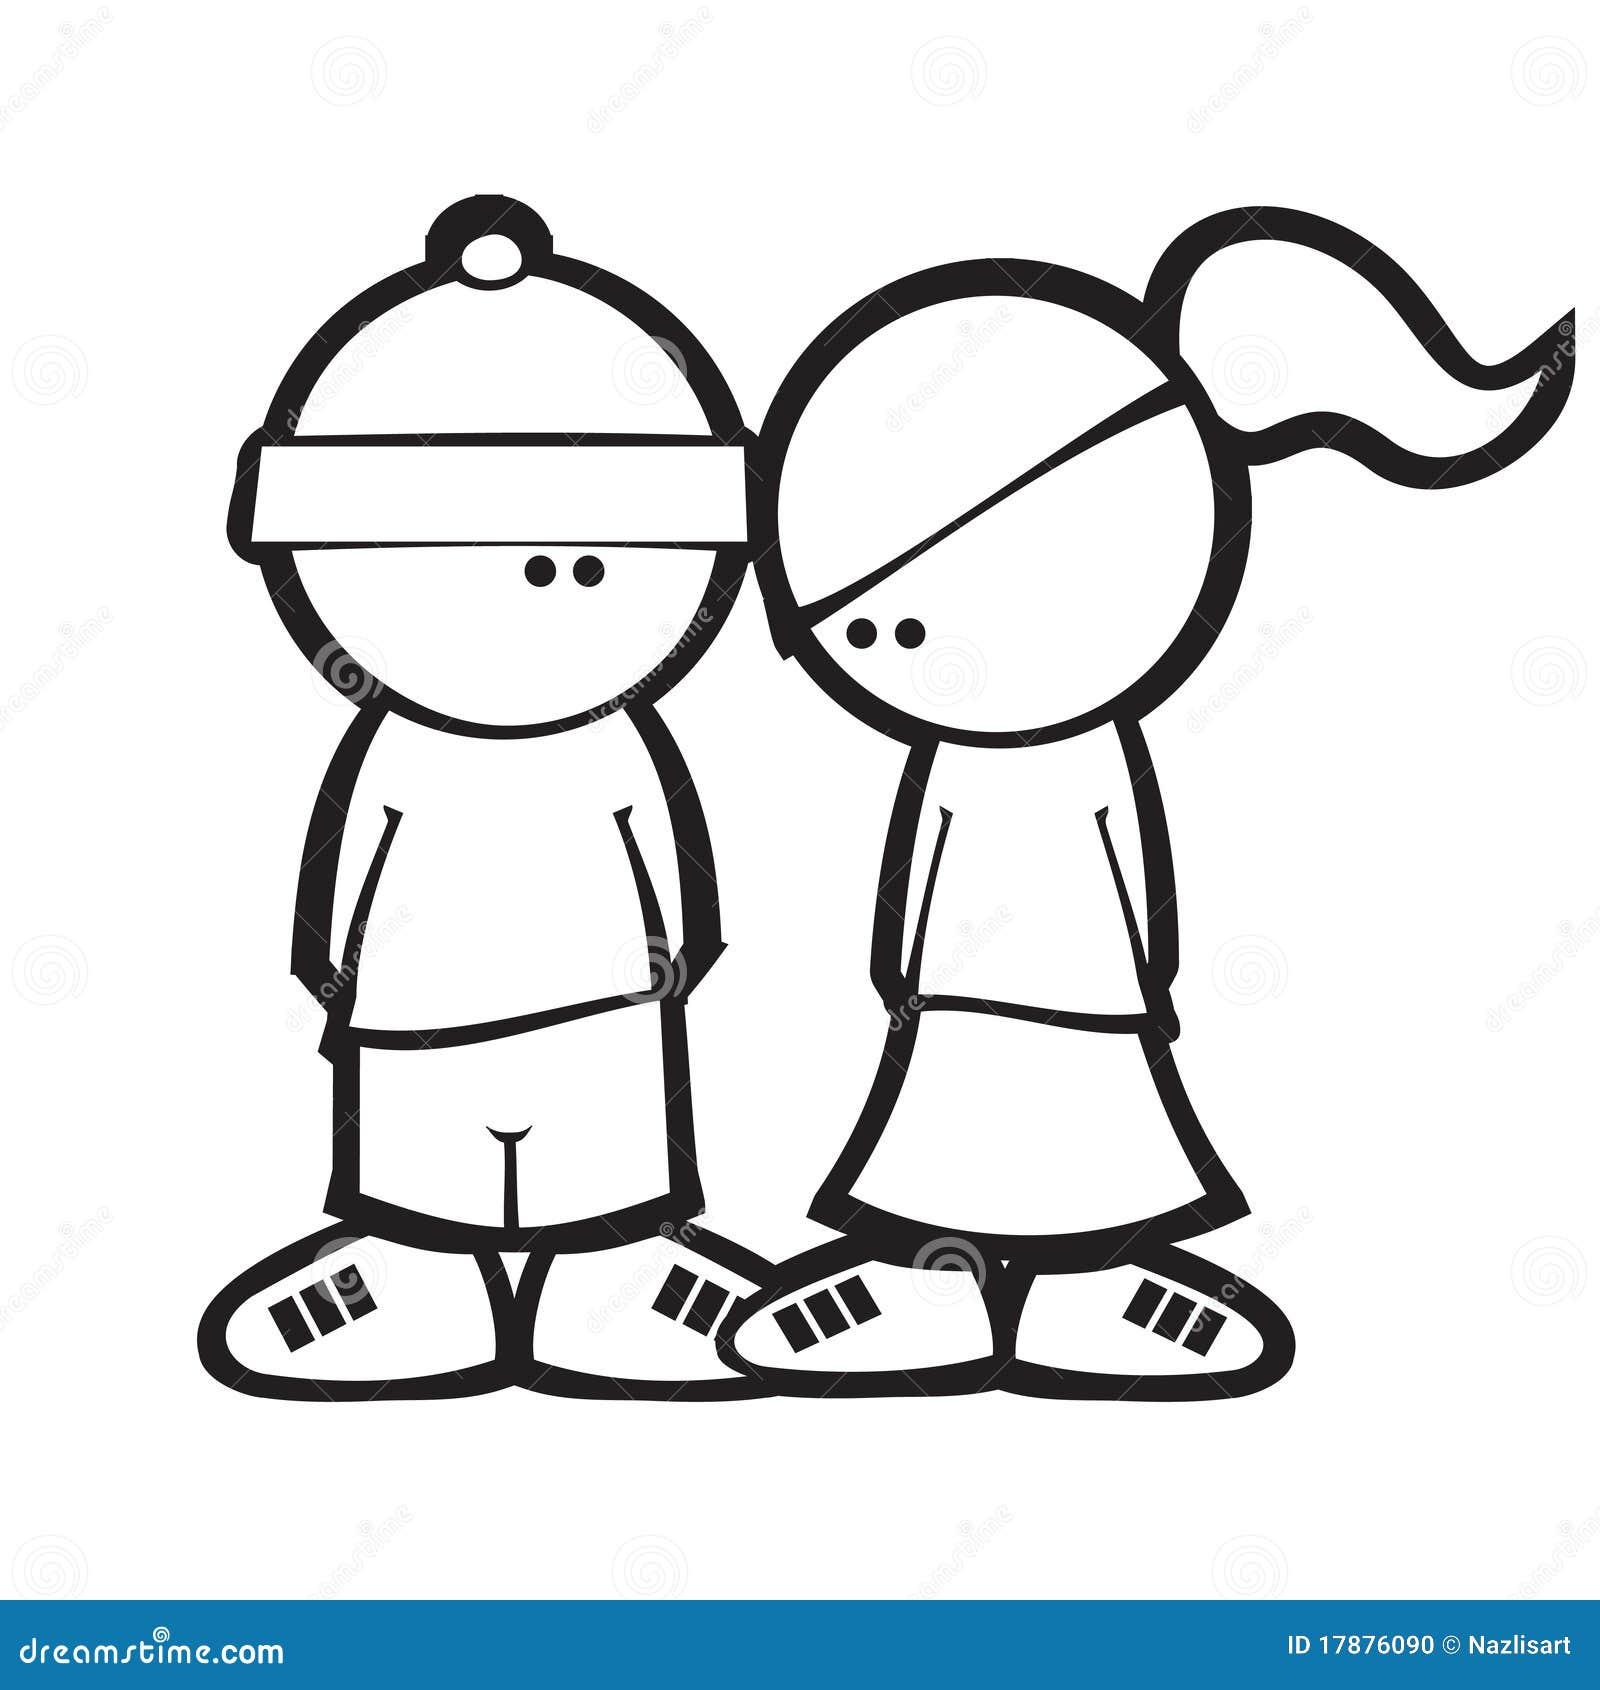 flirt images hd cartoon